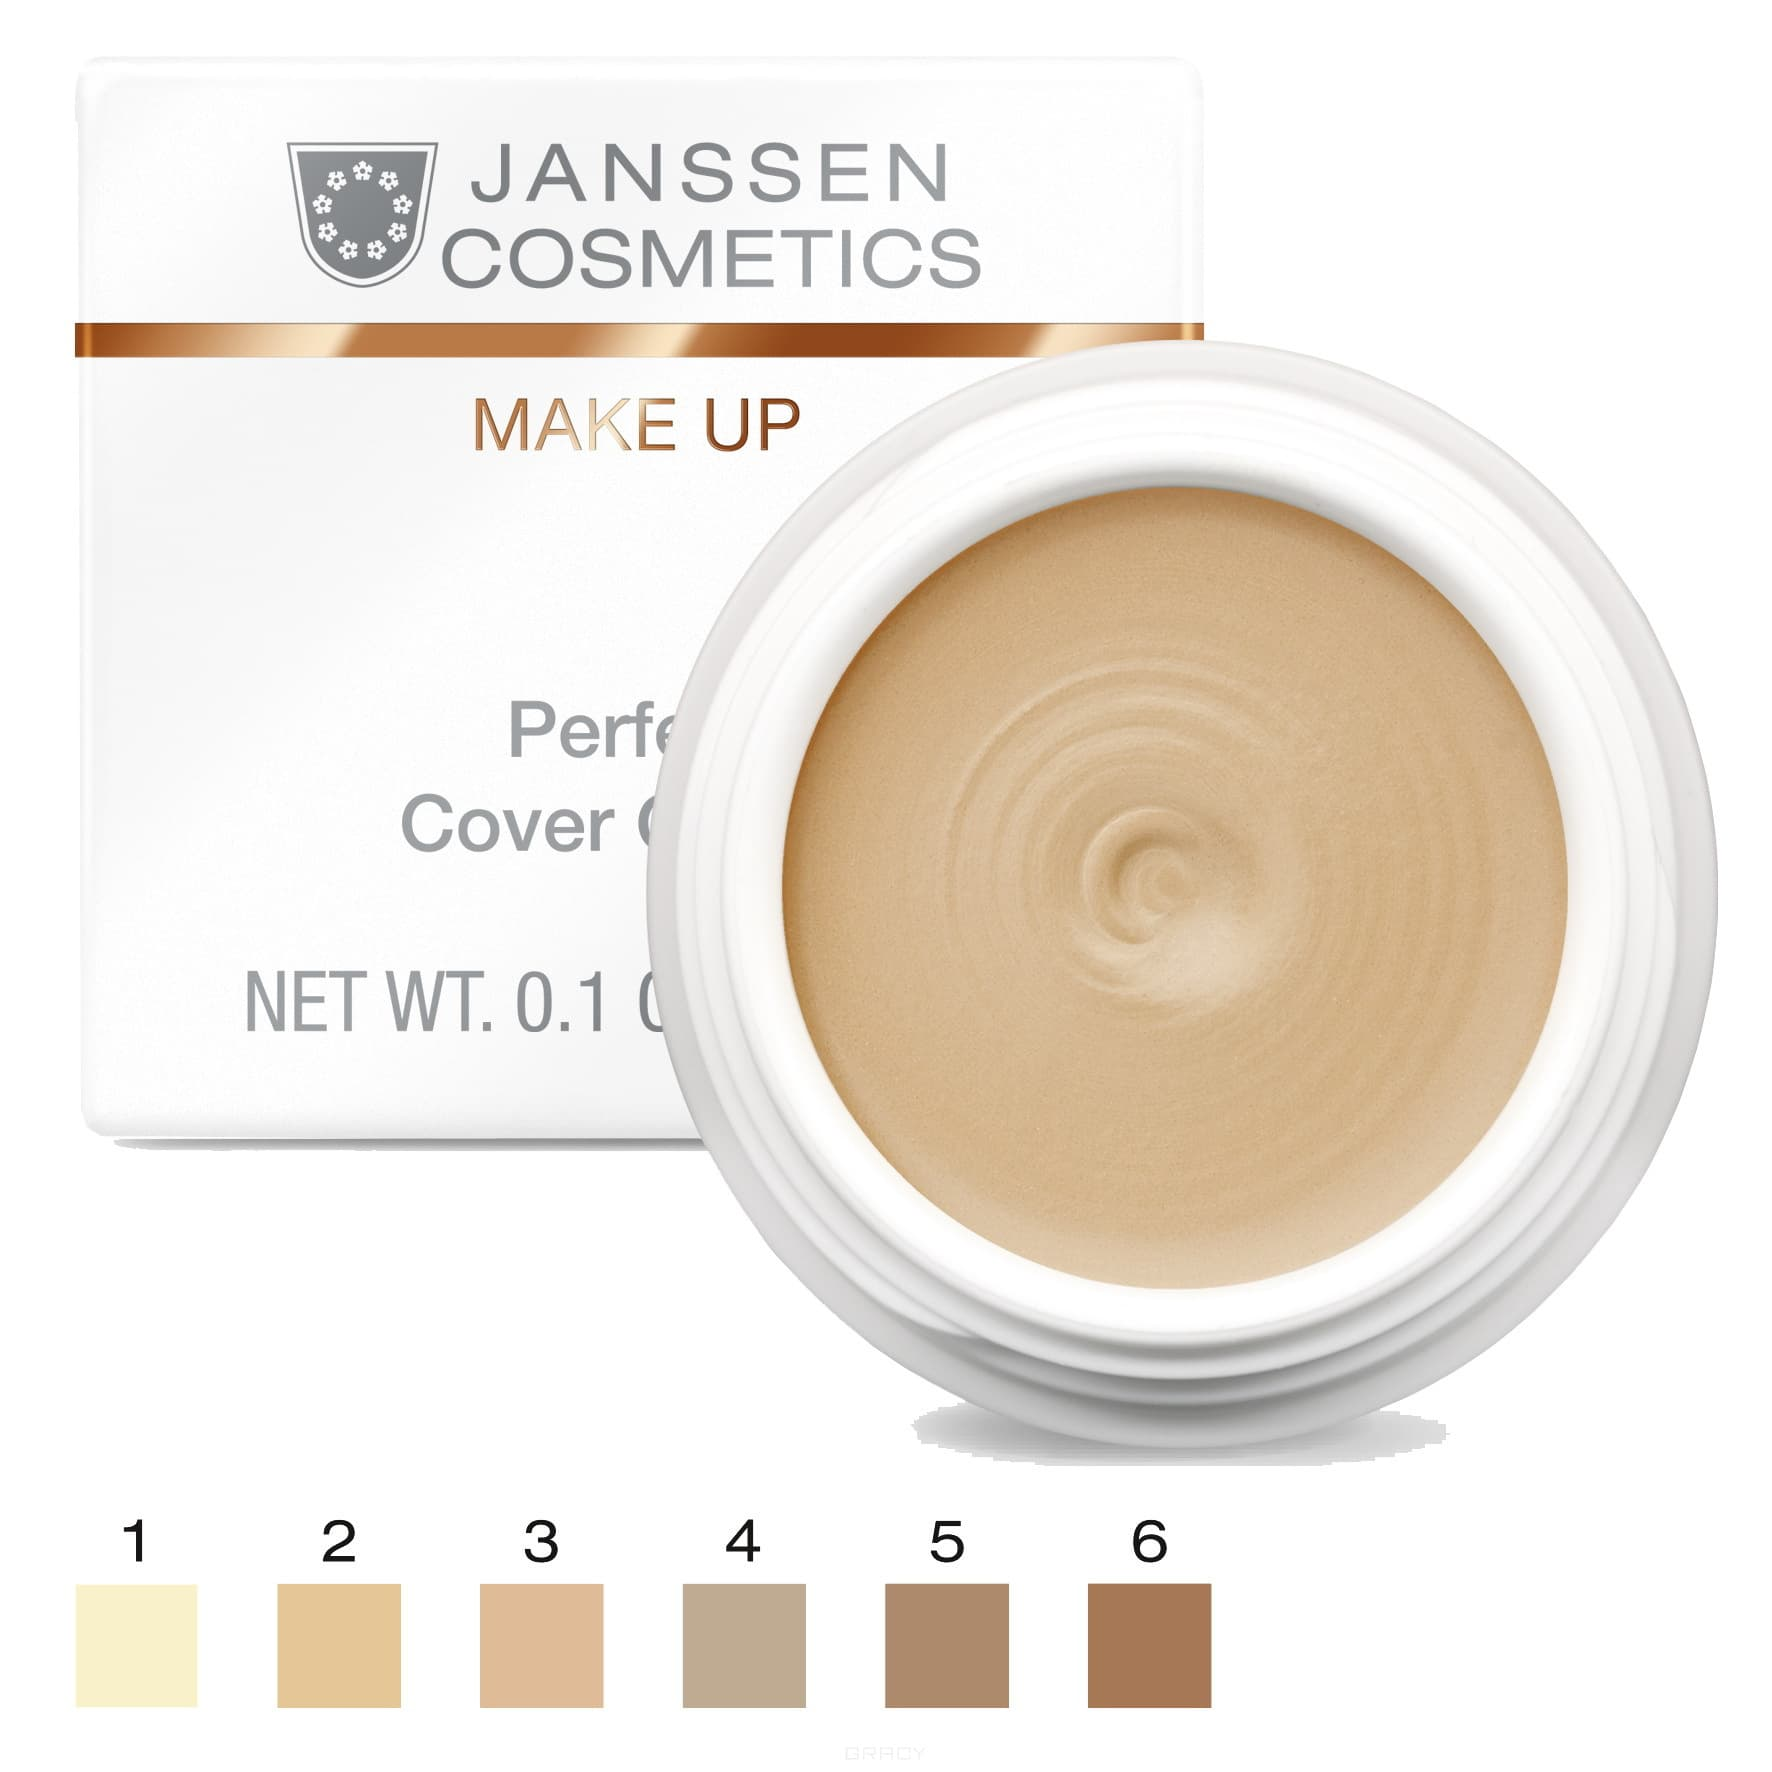 Janssen, Тональный крем - камуфляж Perfect Cover Cream (5 оттенков), 5 мл l a girl тональный крем perfecting liquid makeup buff 29 5 мл